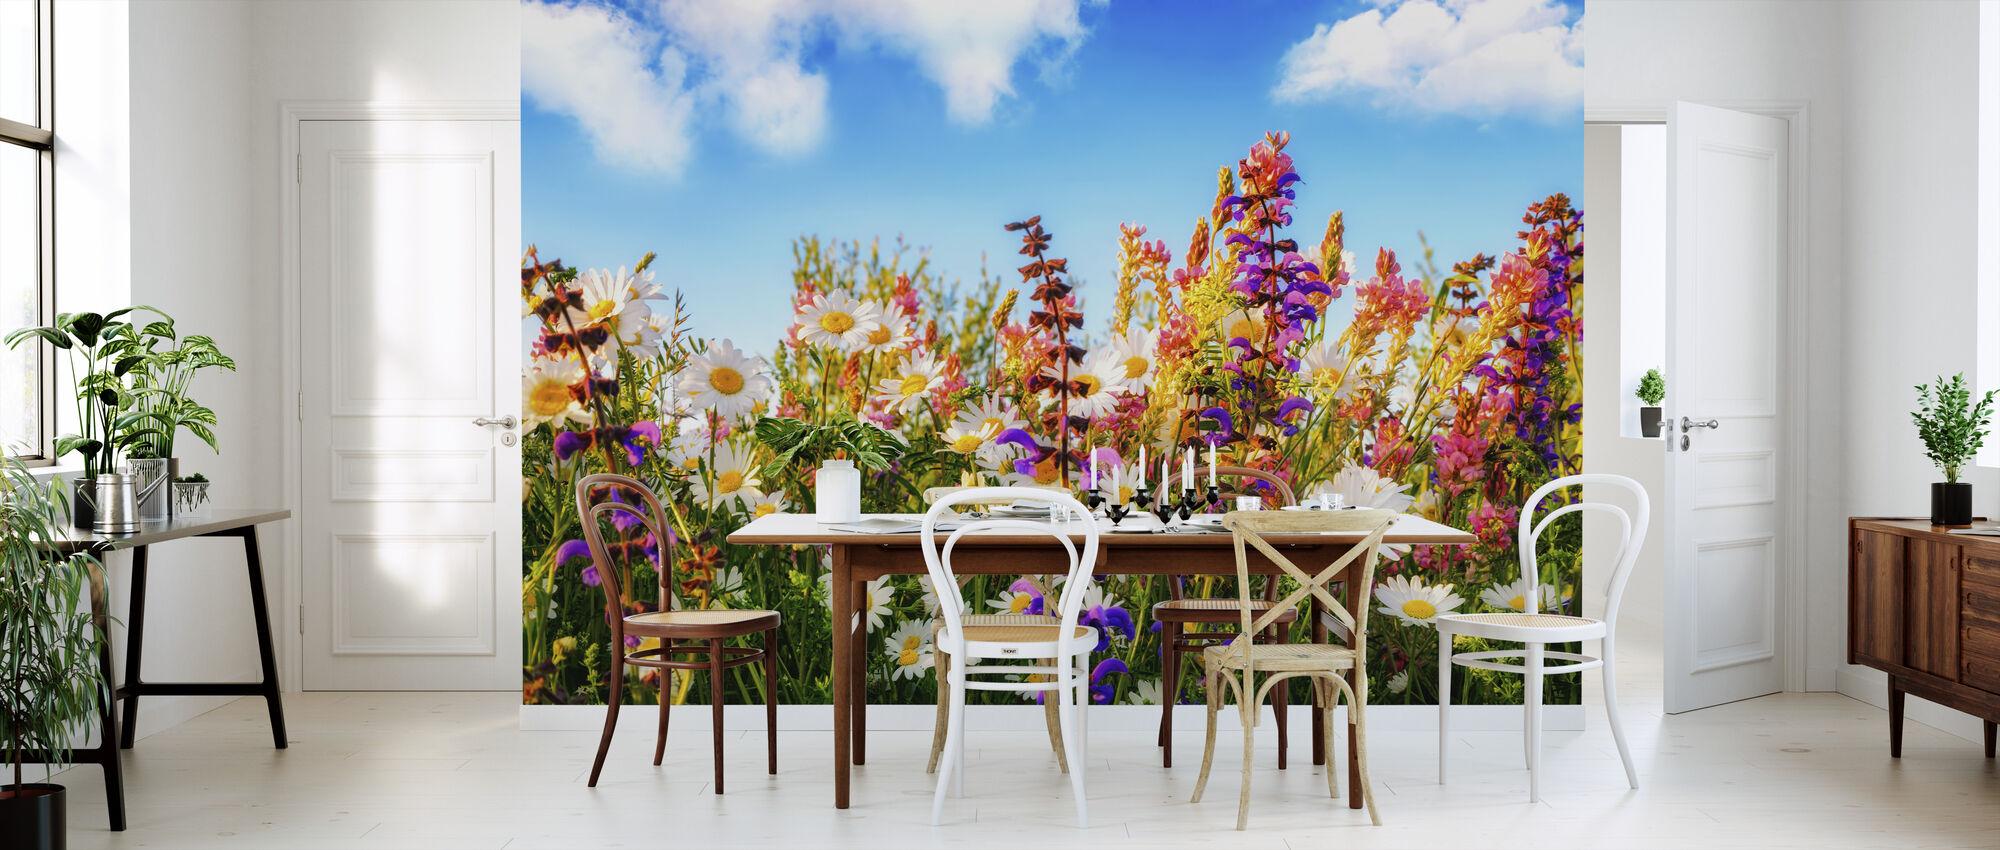 Bloemen op een weide - Behang - Keuken